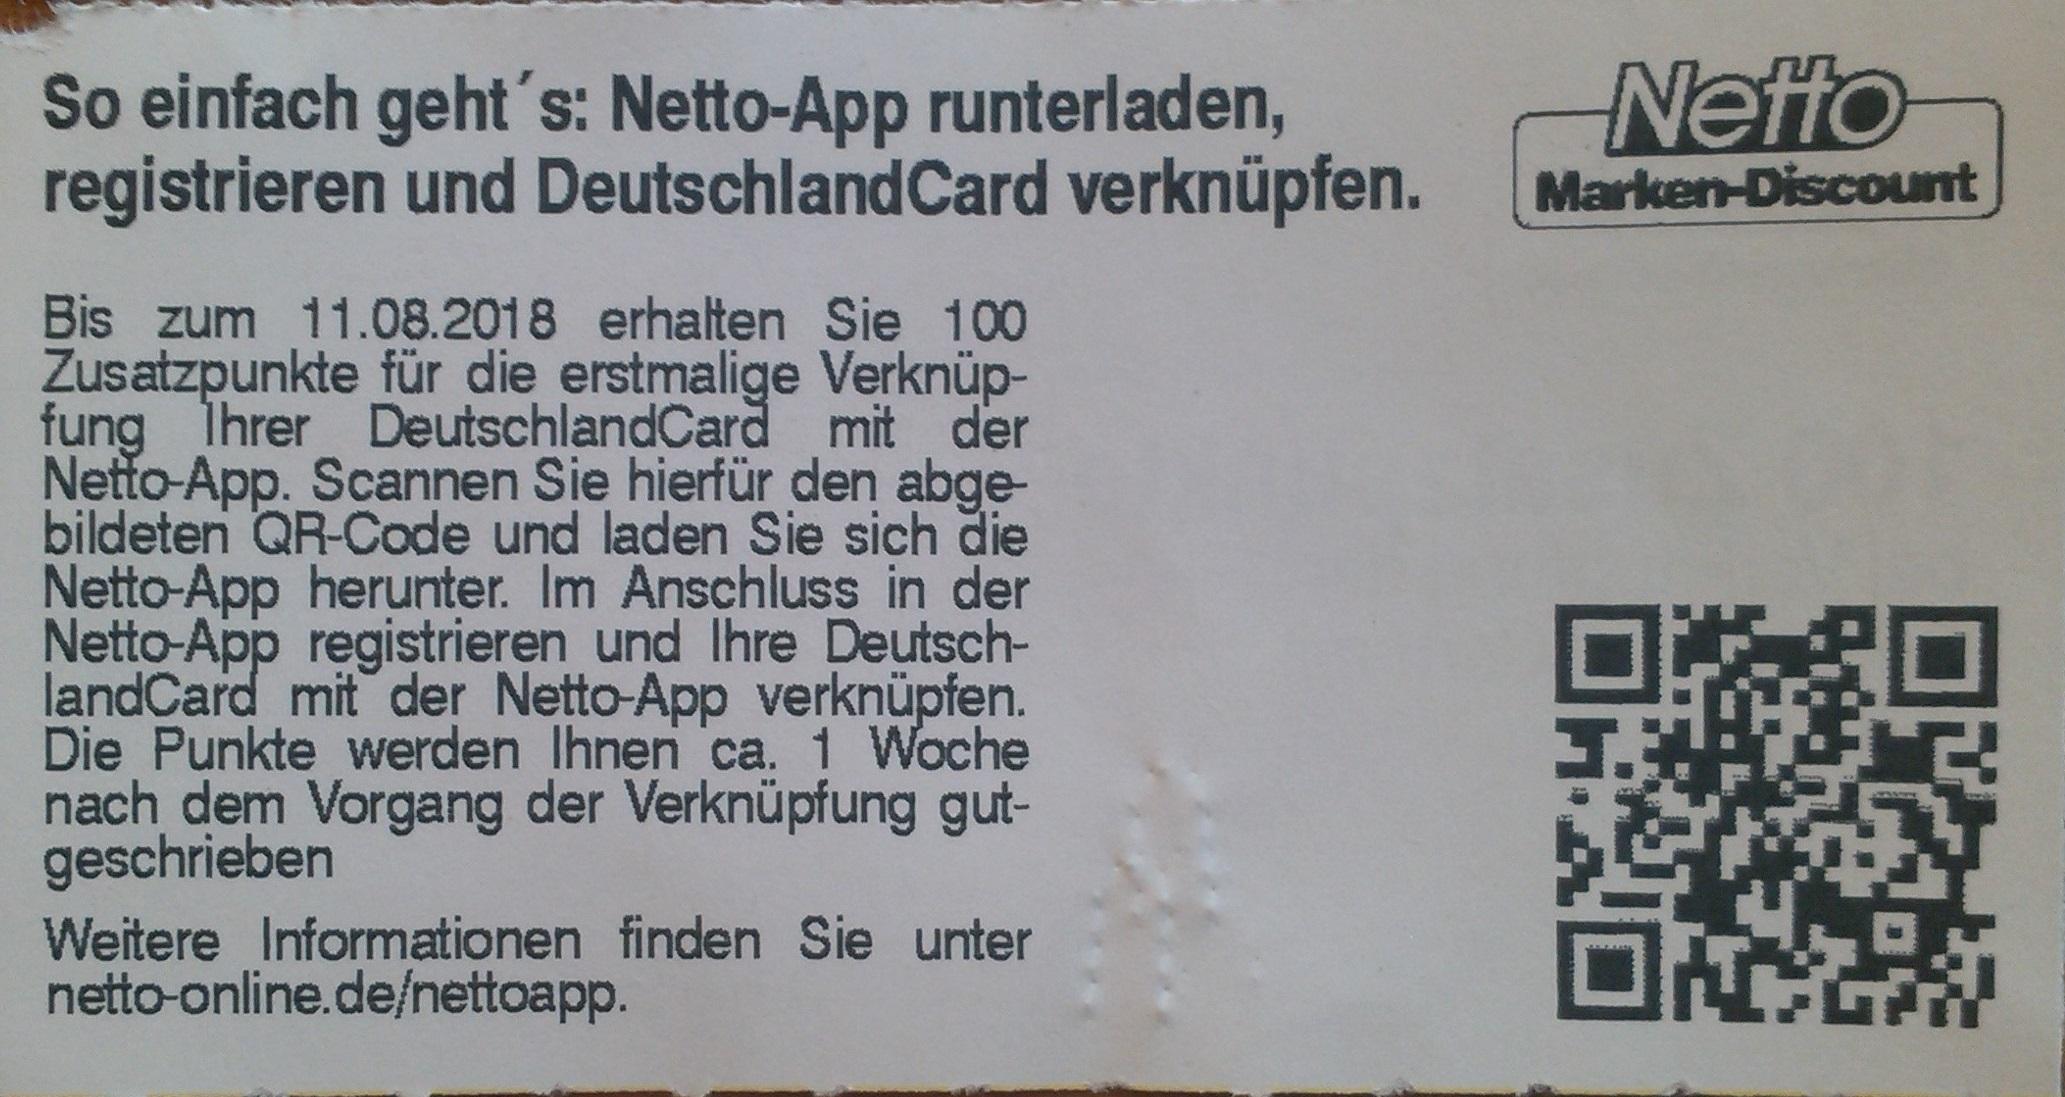 Deutschlandcard 2 Karte Anmelden.Deutschlandcard 100 Zusatzpunkte Für Netto App Erstmalig Mit